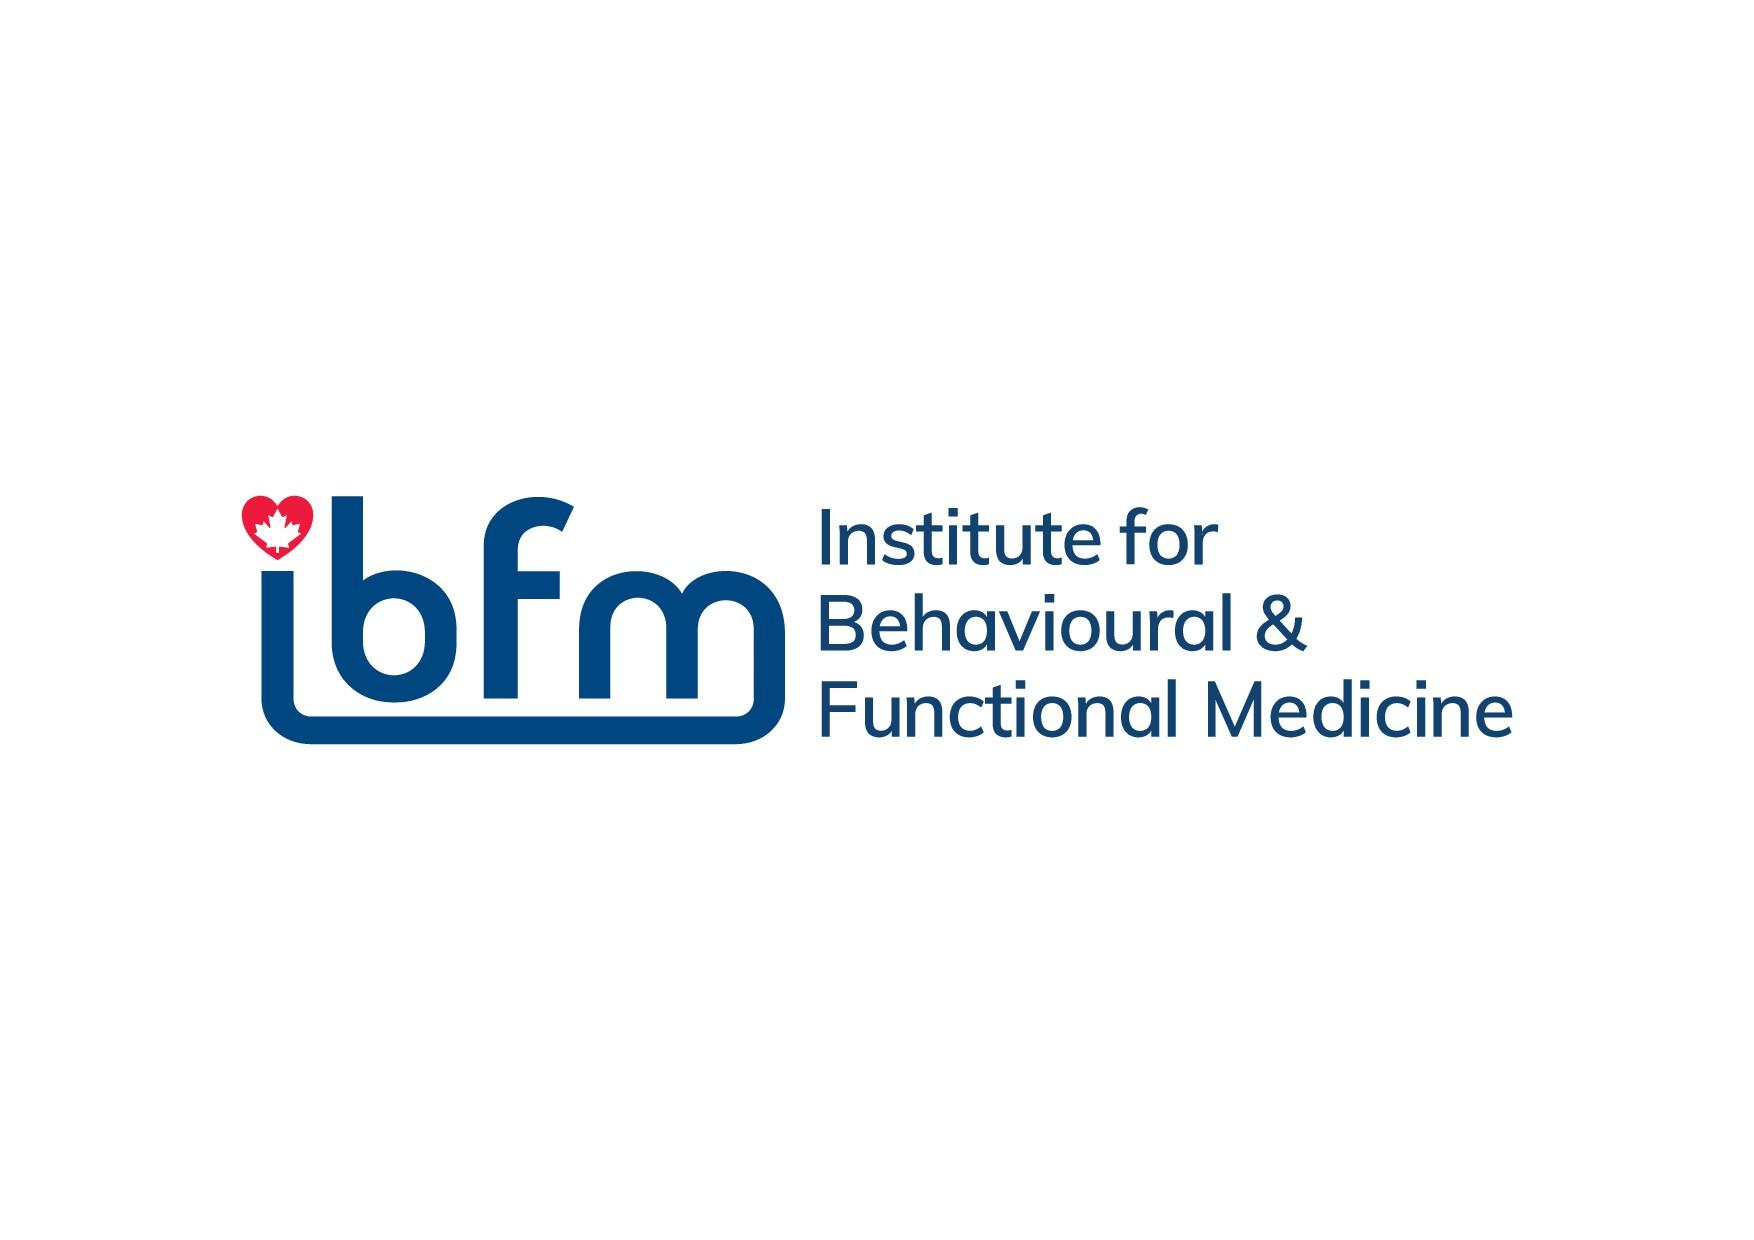 Institute for Behavioural & Functional Medicine